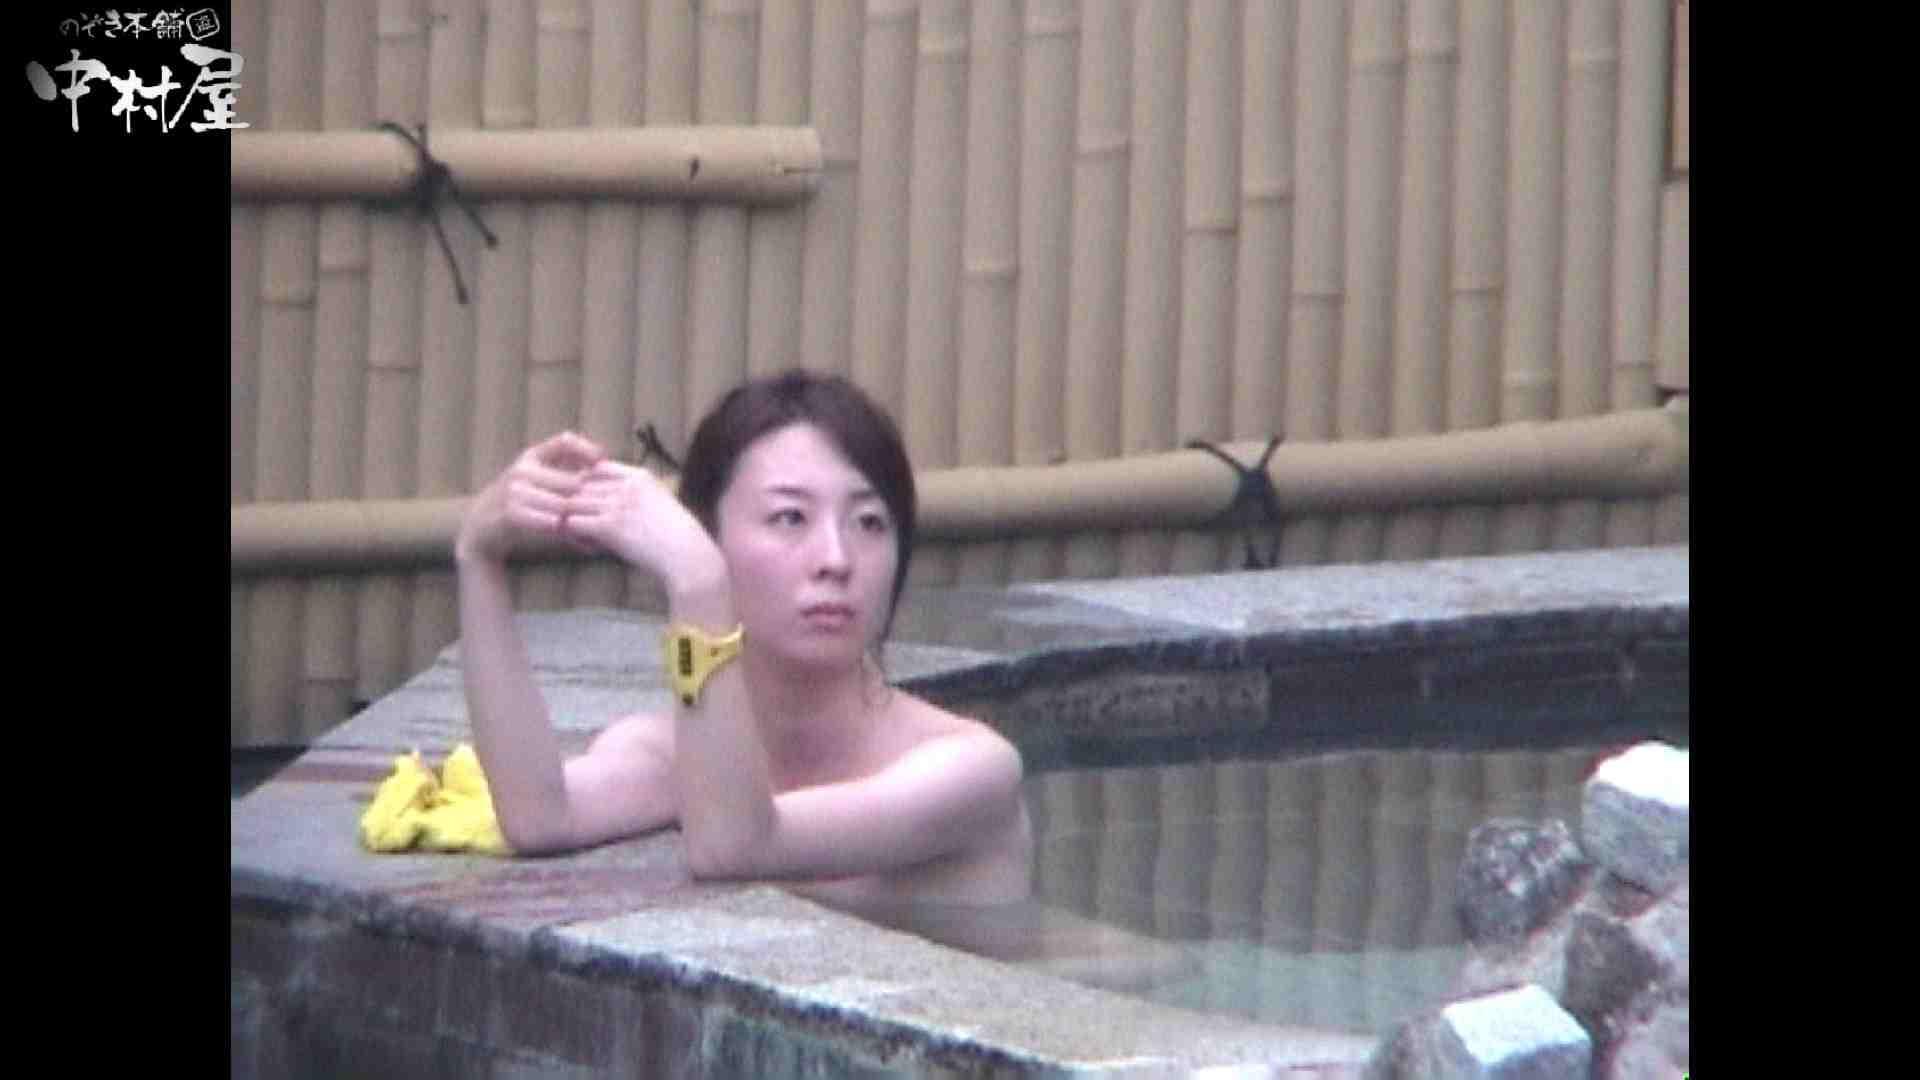 Aquaな露天風呂Vol.964 美しいOLの裸体   盗撮師作品  104pic 76